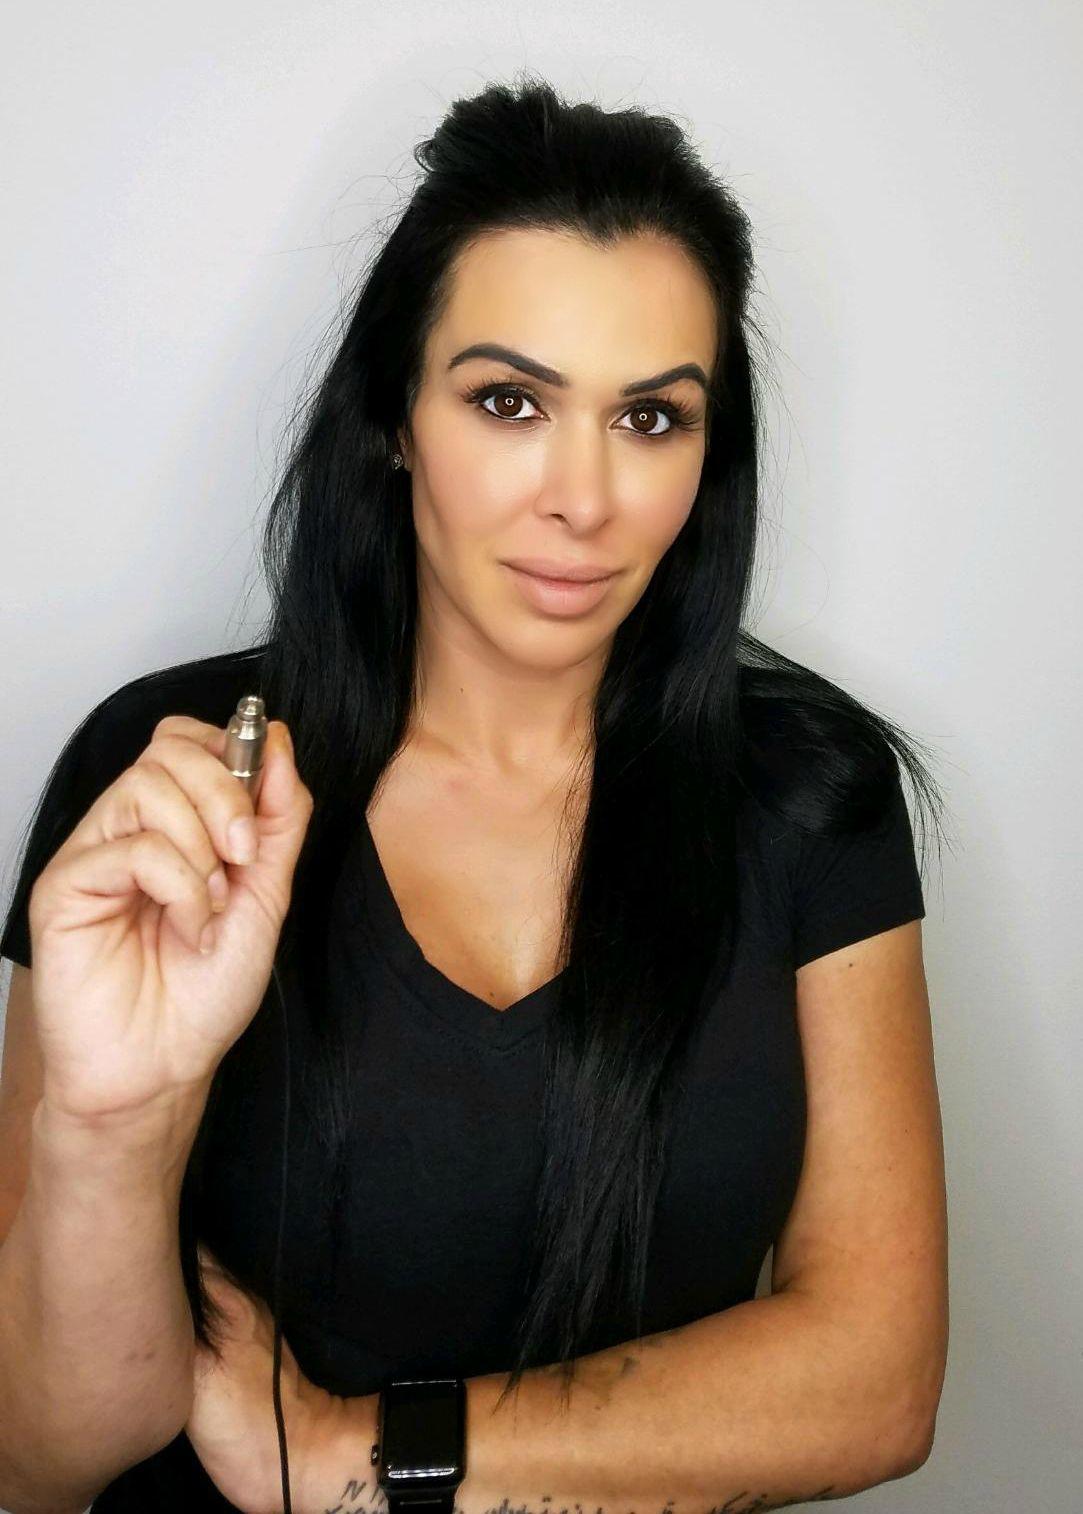 Cosmetic Tattoo Artist in Atlanta GA Permanent makeup